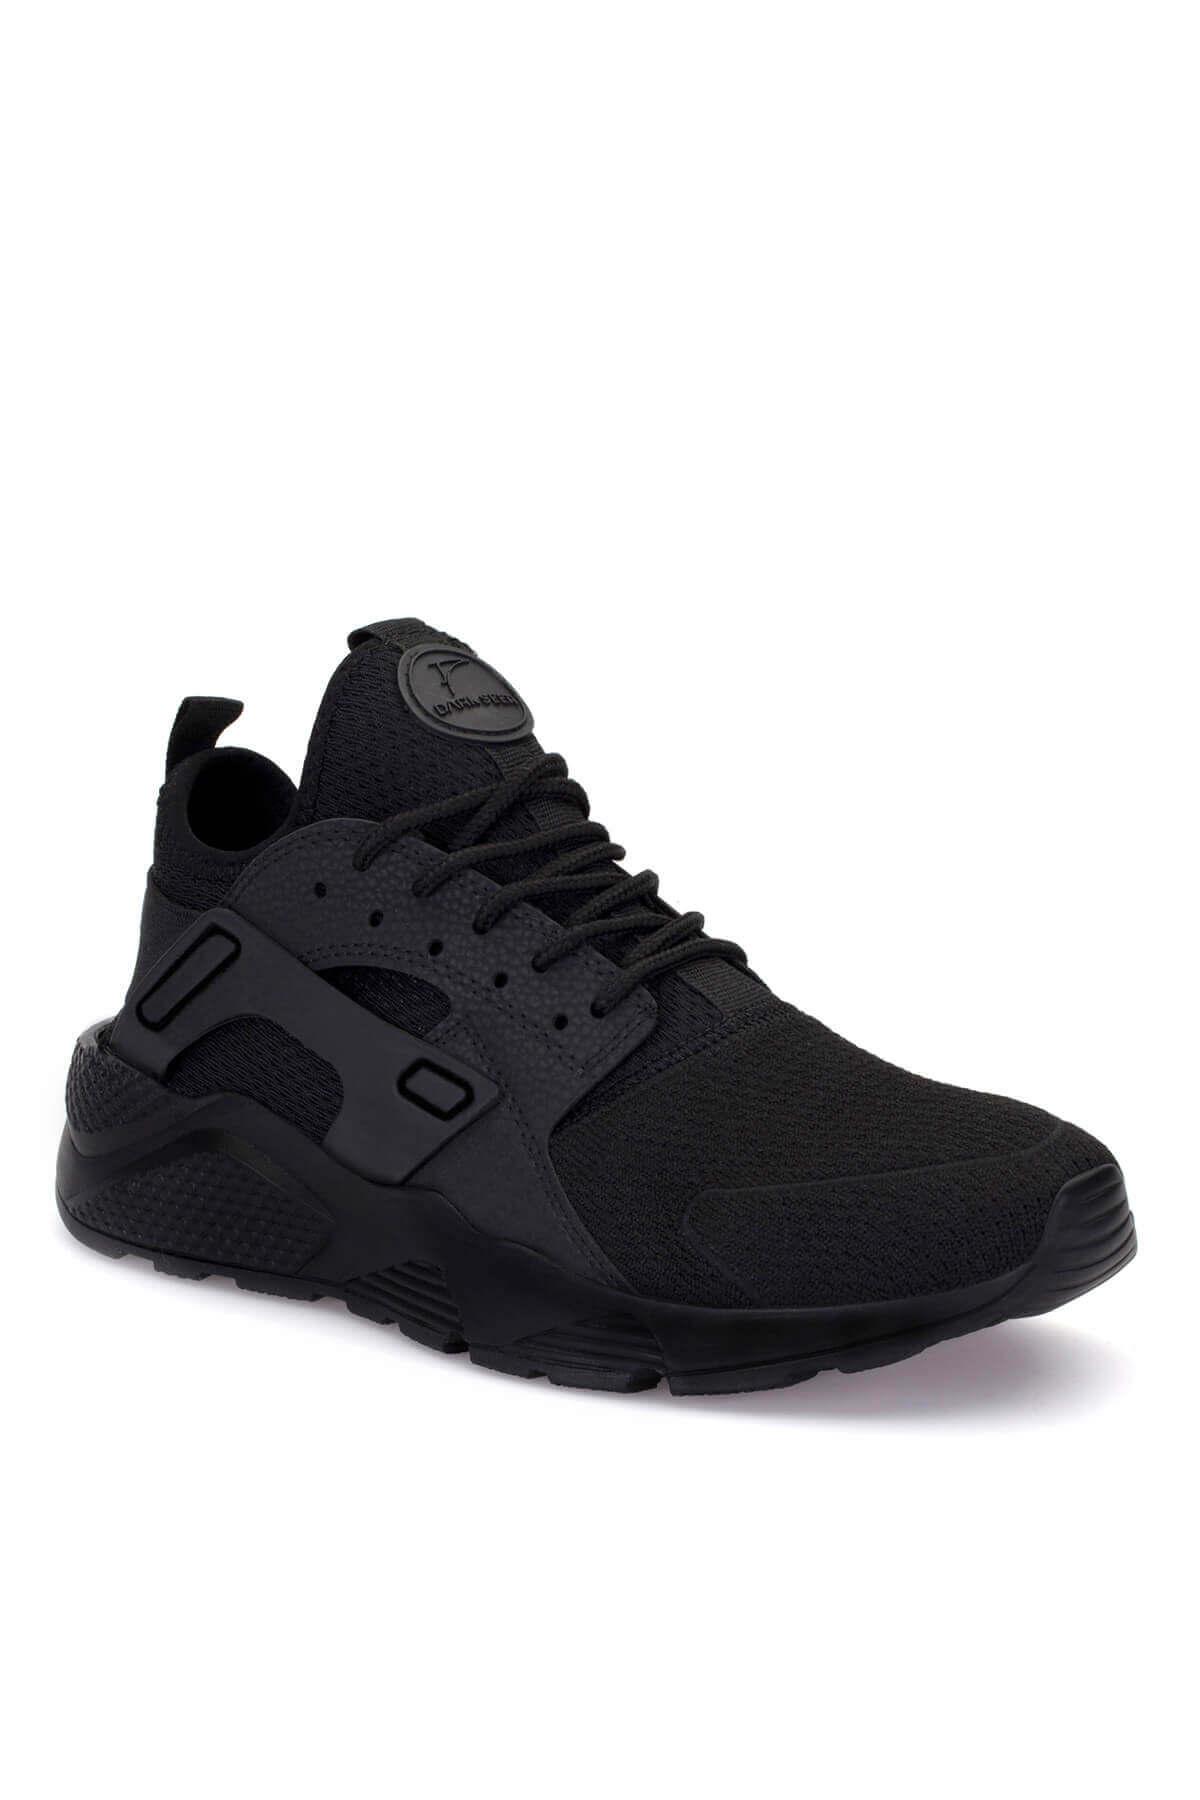 kadınlar için sneakers